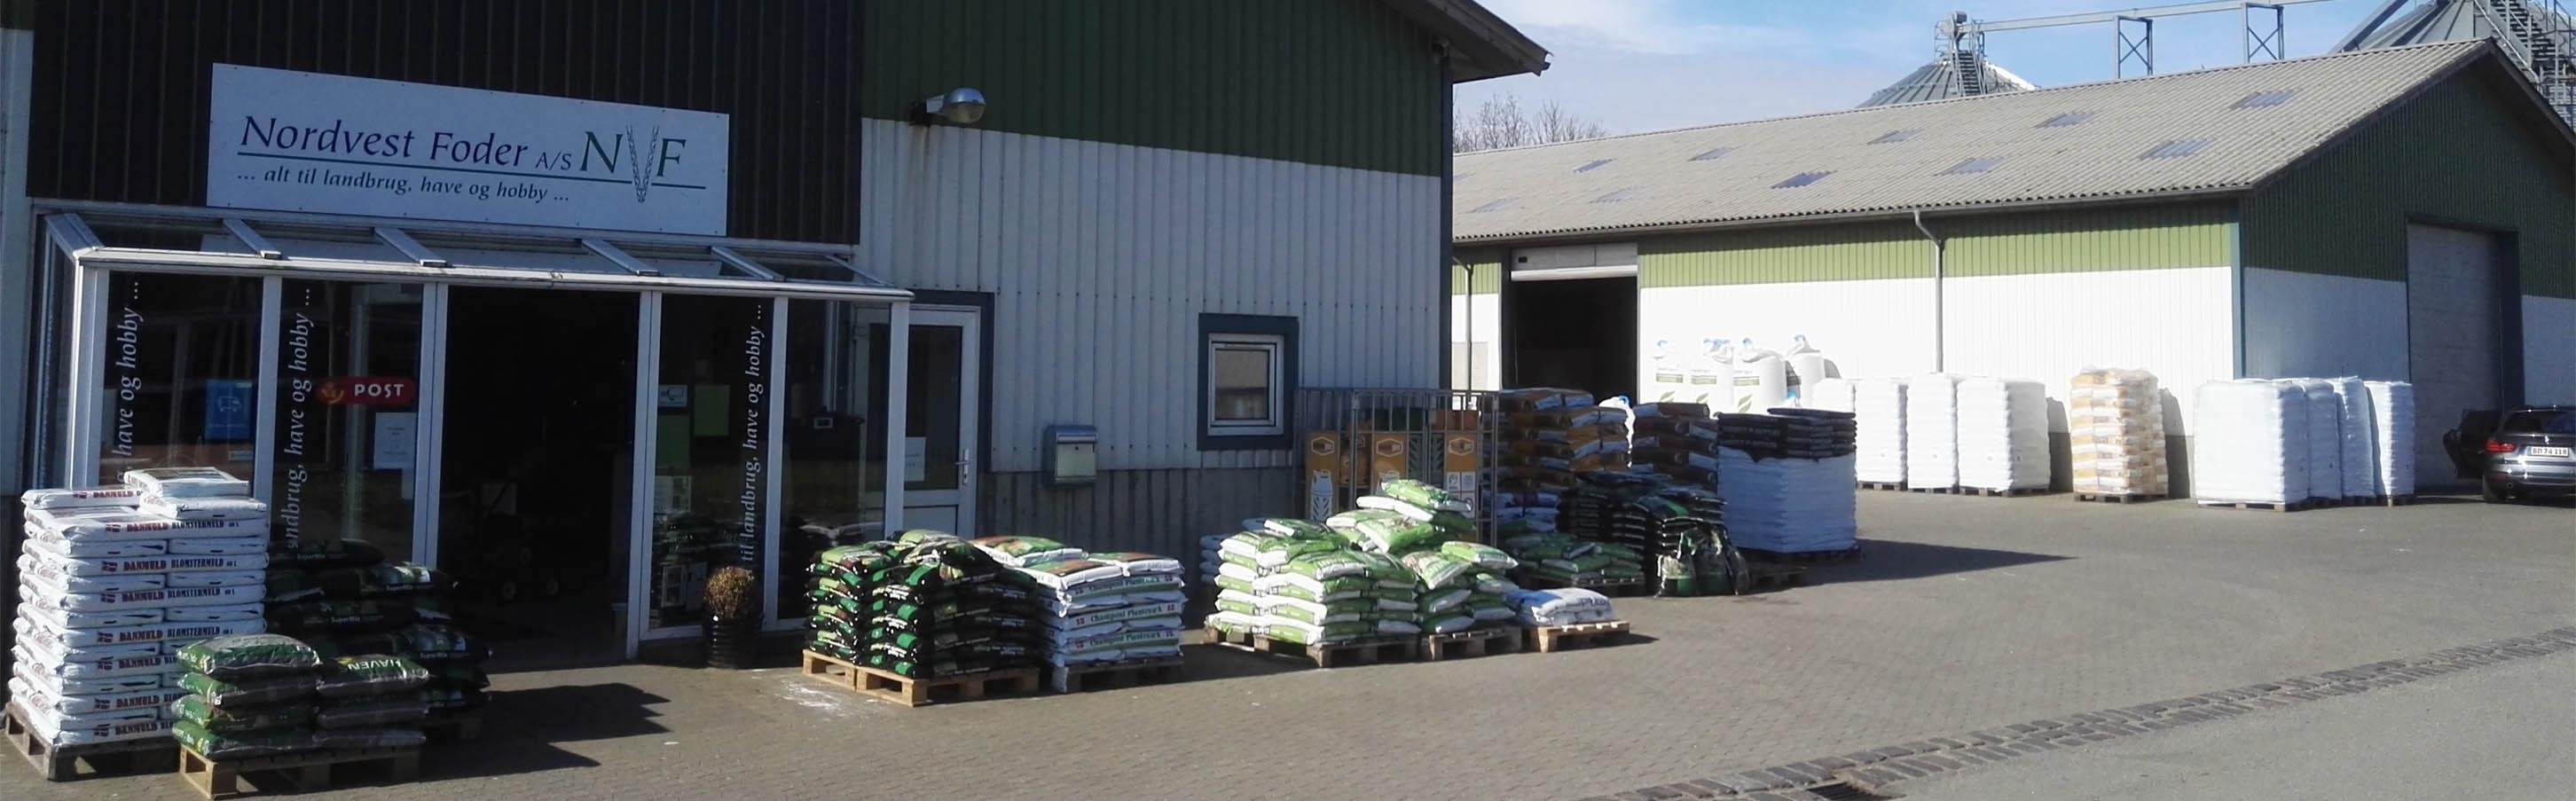 Korn og foderstoffer i Nordjylland